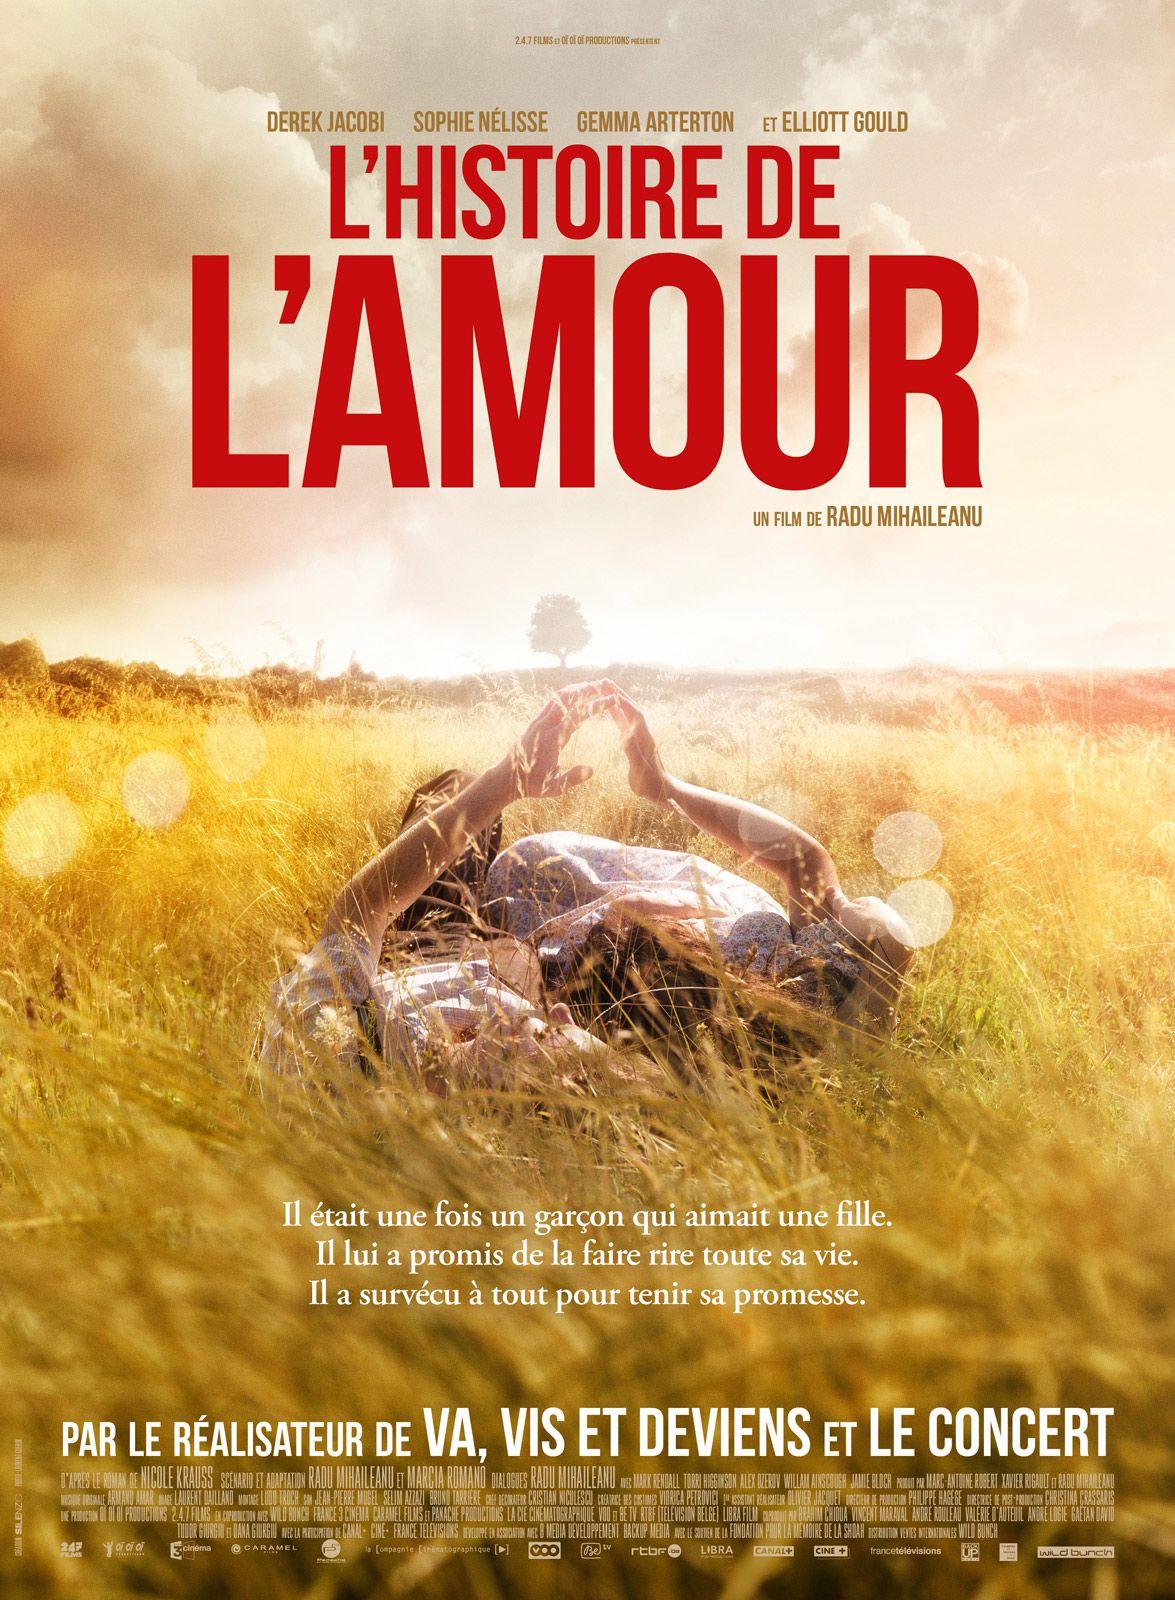 L'Histoire de l'amour - Film (2016)